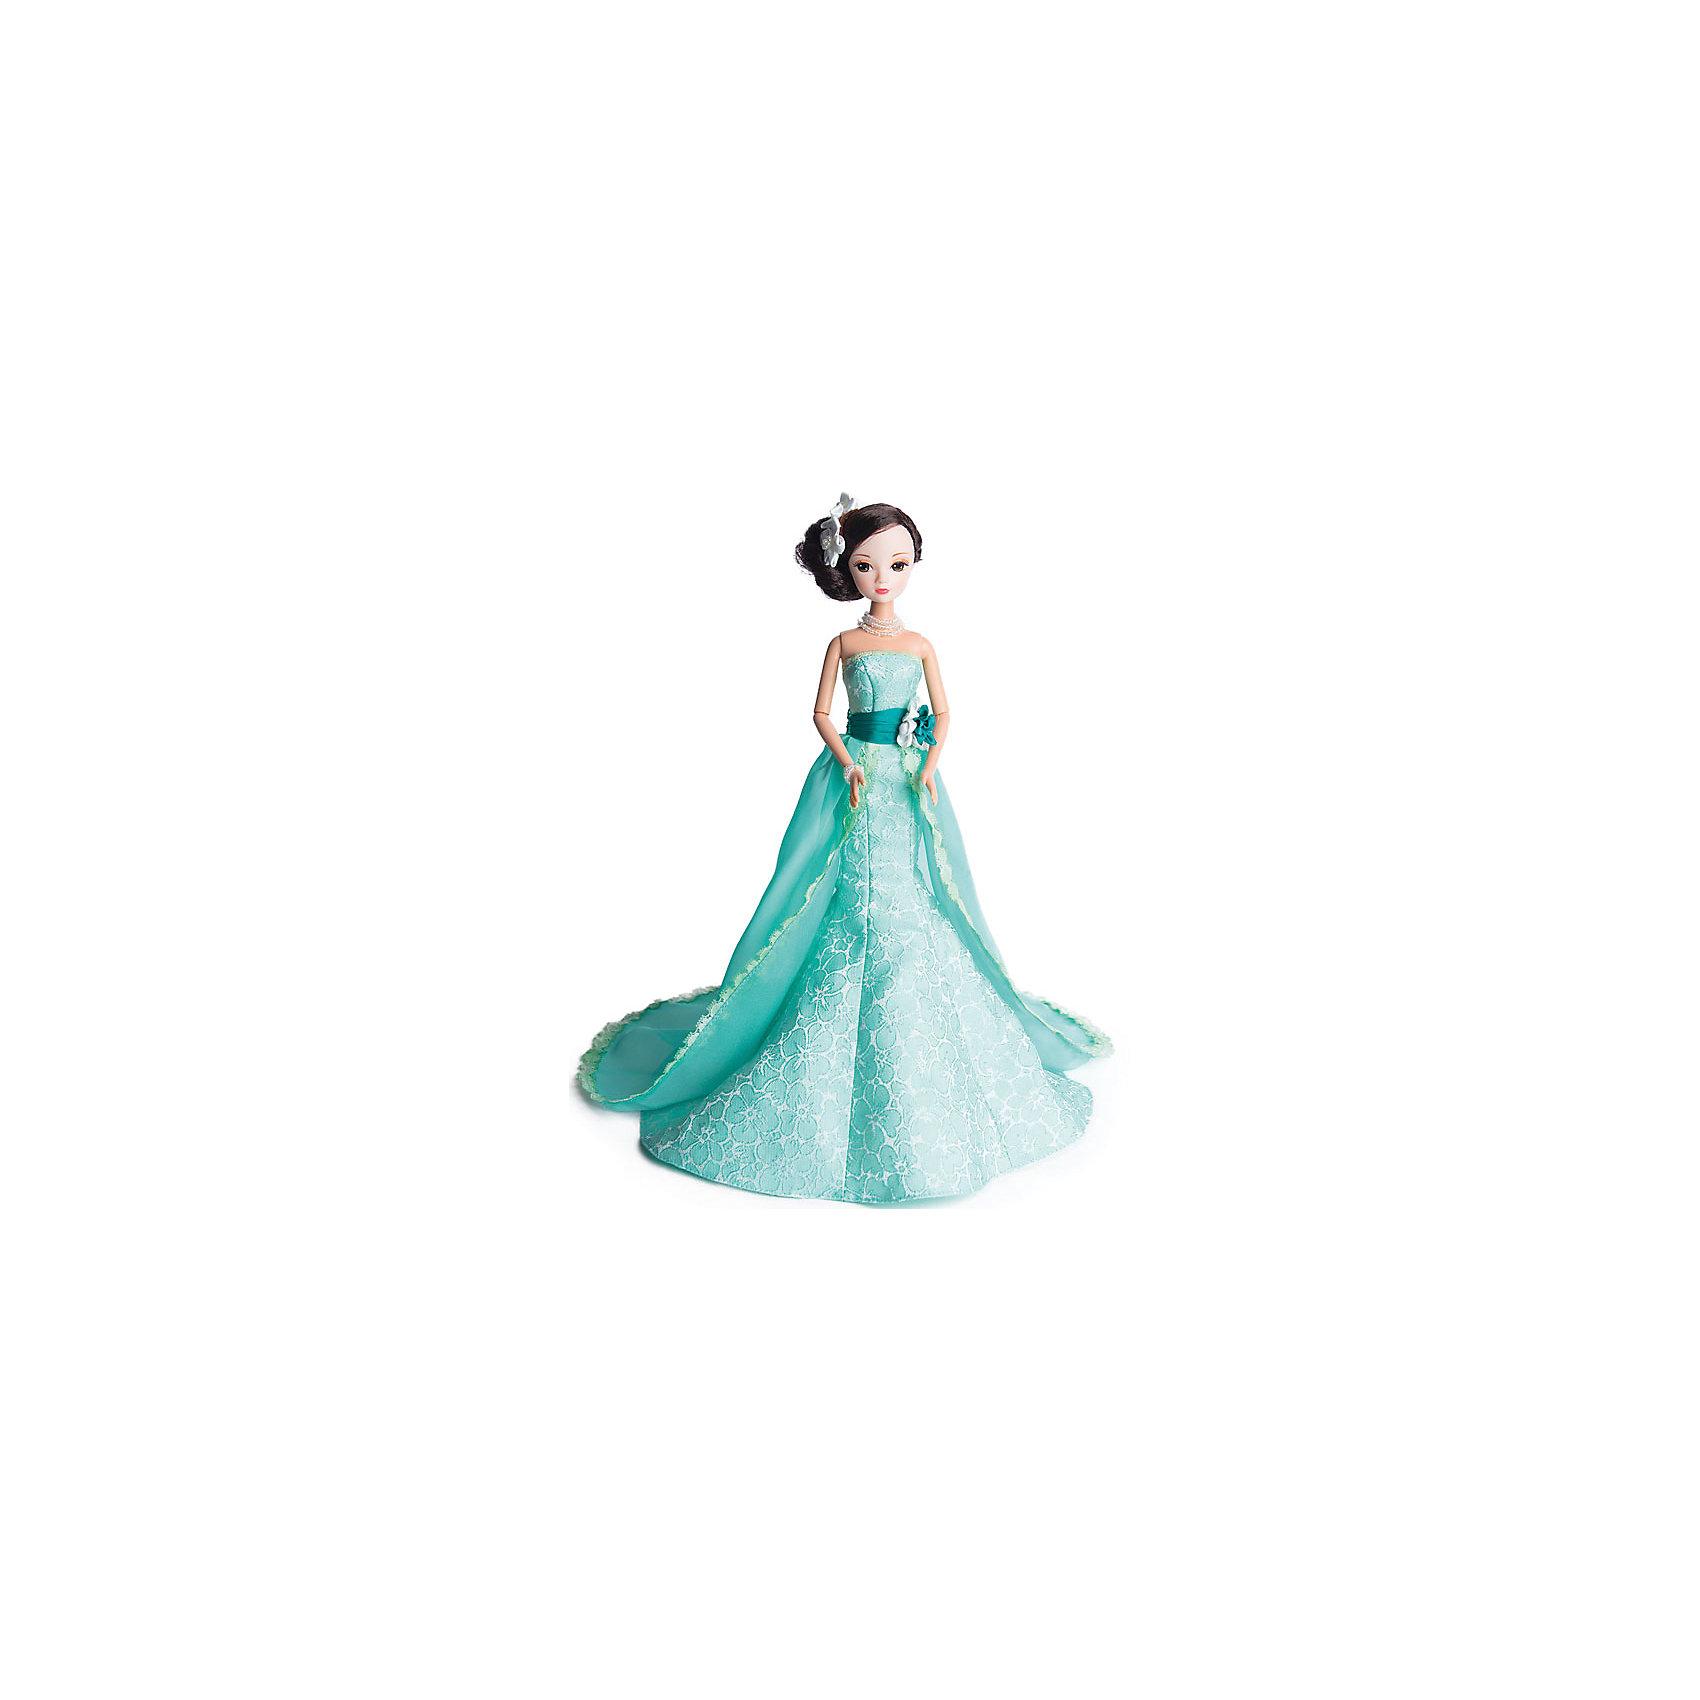 Кукла Жасмин, серия Золотая коллекция, Sonya RoseХарактеристики товара:<br><br>- цвет: разноцветный;<br>- материал: пластик, текстиль;<br>- особенности: подвижные руки и ноги, голова;<br>- размер упаковки: 23х32х7см;<br>- комплектация: кукла, одежда, аксессуары;<br>- размер куклы: 27 см.<br><br>Такие красивые куклы не оставят ребенка равнодушным! Какая девочка откажется поиграть с куклой в прекрасном дизайнерском вечернем платье ручной работы?! Игрушка хорошо детализирована, очень качественно выполнена, поэтому она станет отличным подарком ребенку. В наборе идут одежда и аксессуары, которые можно снять! Кукла продается в нарядной подарочной упаковке.<br>При играх с куклами у детей активизируется мышление, воображение, развиваются творческие способности, нарабатываются варианты социального взаимодействия, дети учатся заботиться о других. Изделие произведено из высококачественного материала, безопасного для детей.<br><br>Куклу Жасмин, серия Золотая коллекция, от бренда Sonya Rose можно купить в нашем интернет-магазине.<br><br>Ширина мм: 230<br>Глубина мм: 320<br>Высота мм: 70<br>Вес г: 366<br>Возраст от месяцев: 36<br>Возраст до месяцев: 2147483647<br>Пол: Женский<br>Возраст: Детский<br>SKU: 5079165